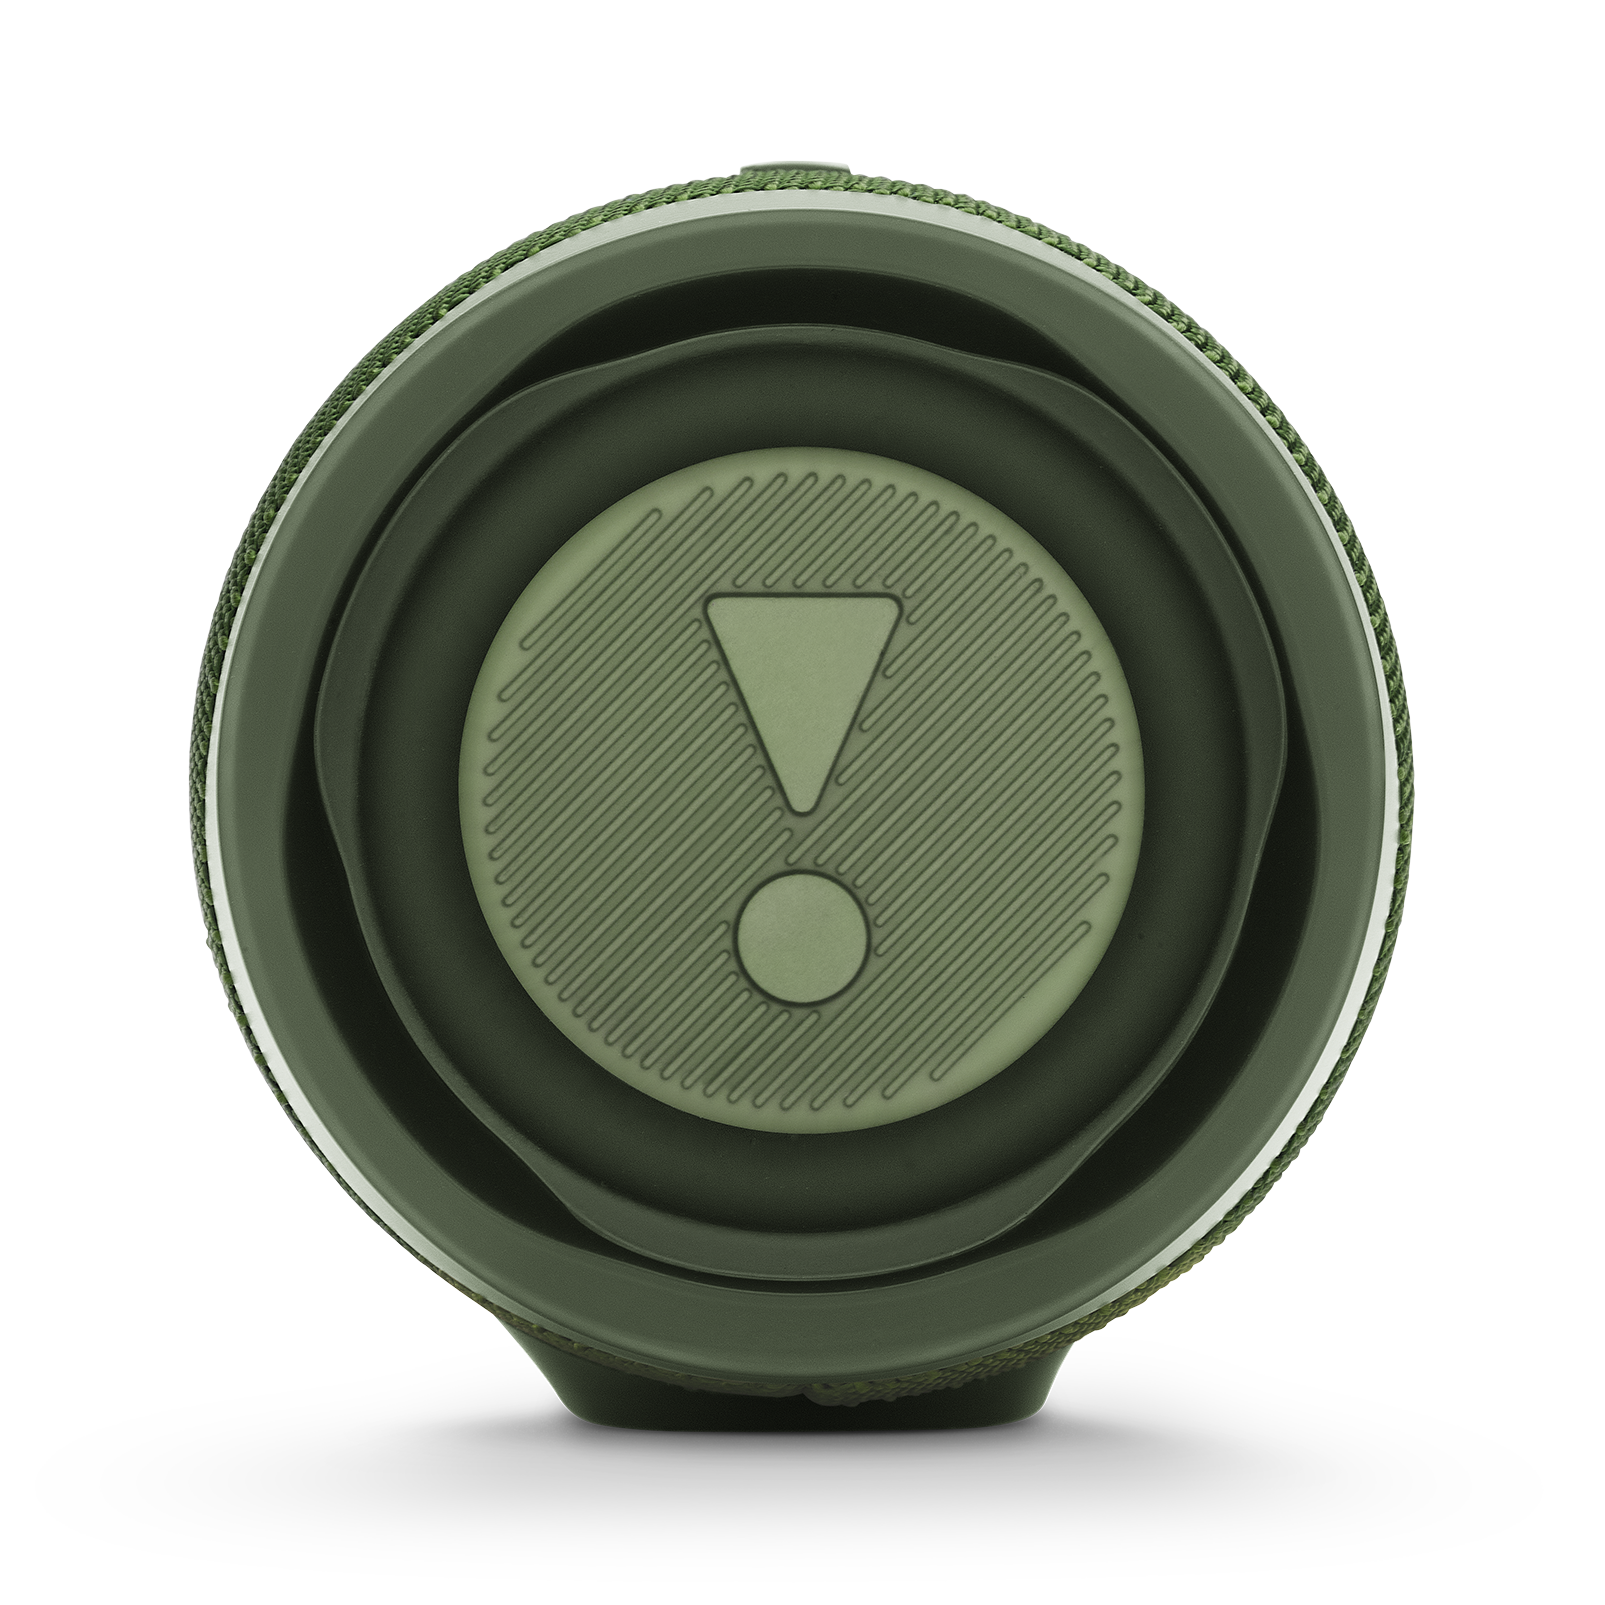 JBL Charge 4 - Forest Green - Portable Bluetooth speaker - Detailshot 3